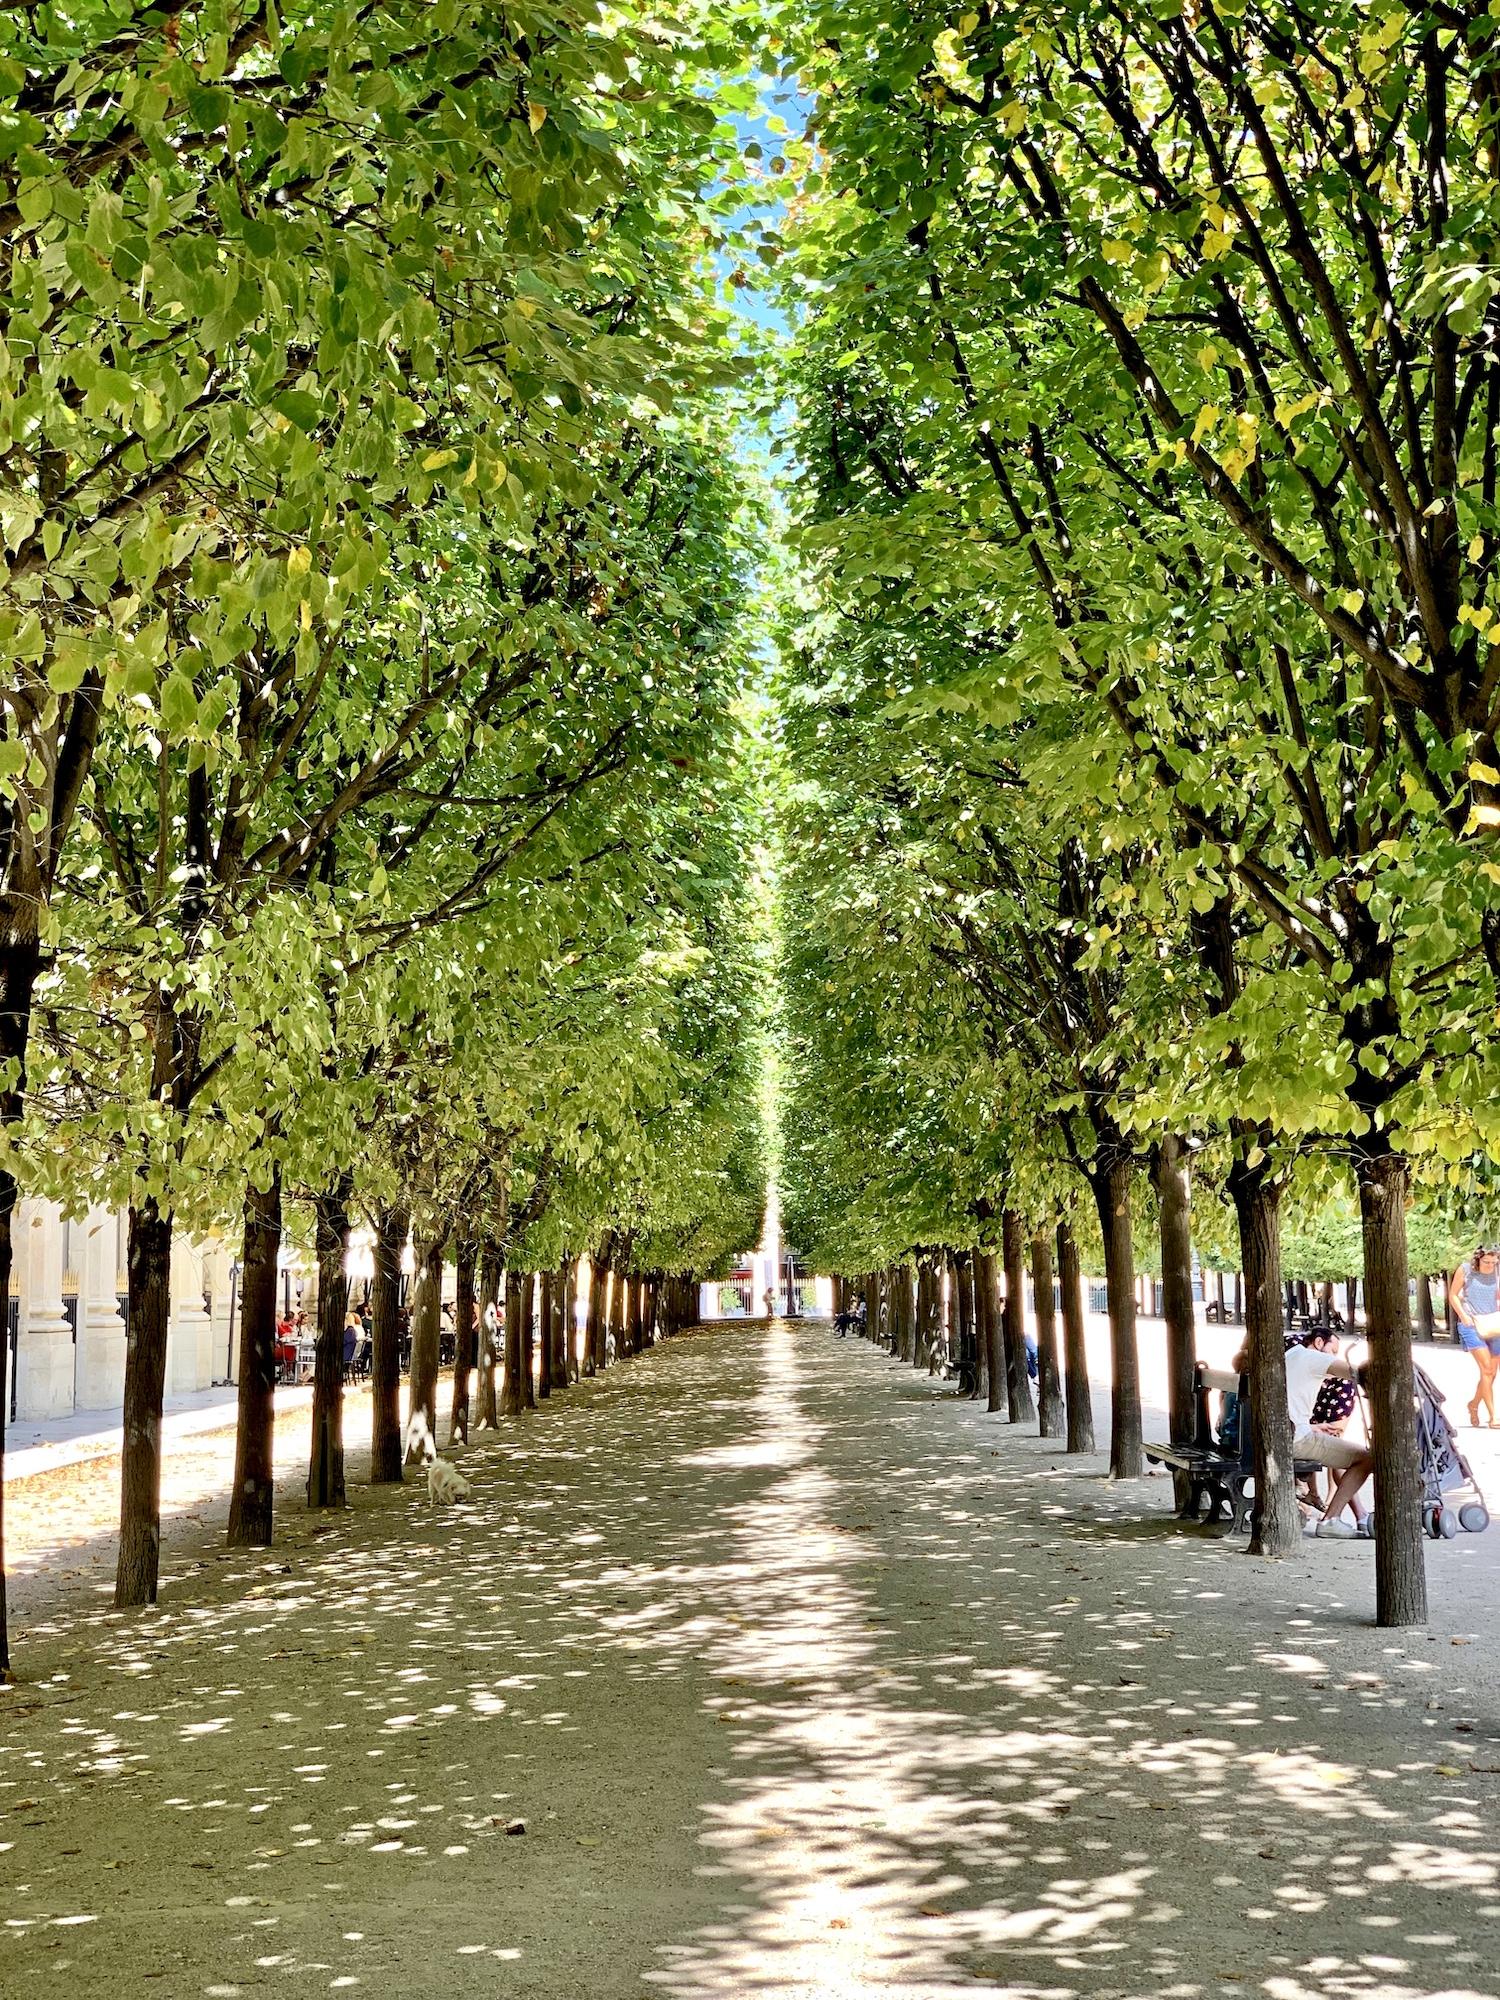 Summer walk in the Palais-Royal Garden in Paris